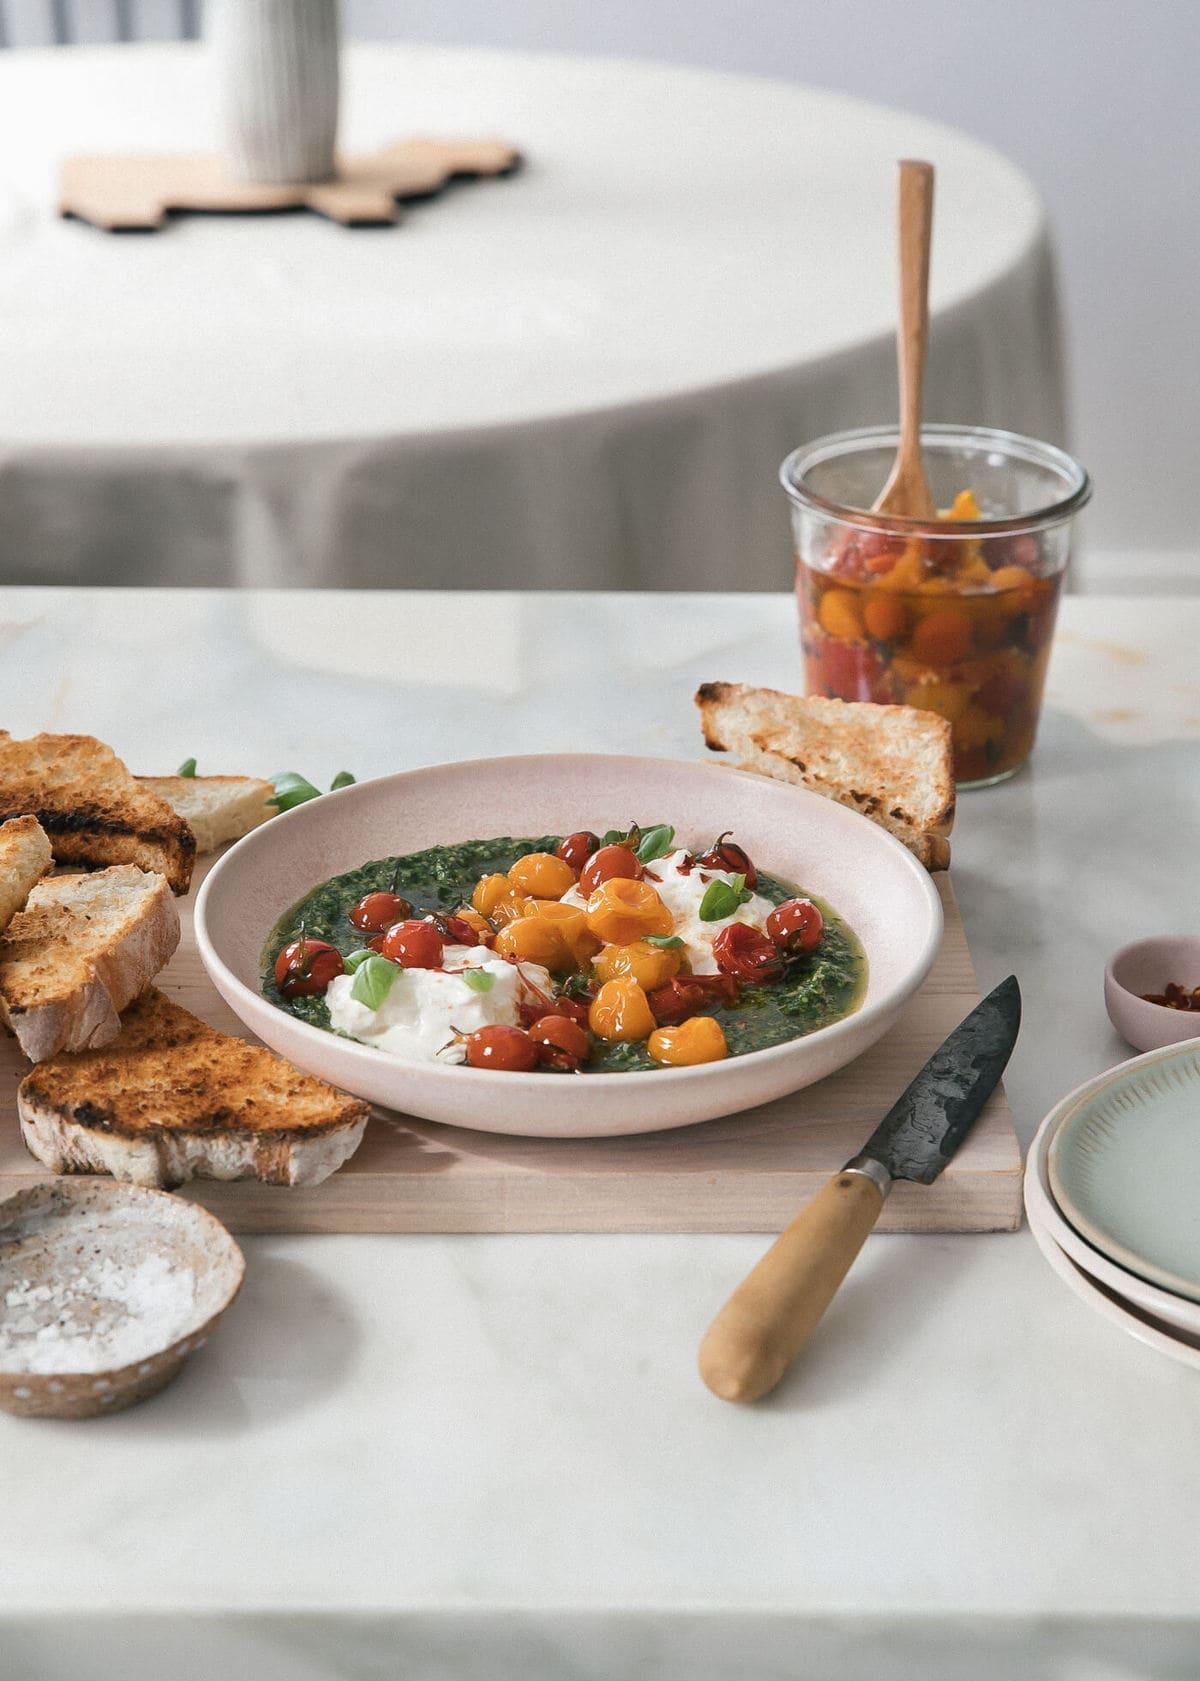 Tomato Confit with Burrata and Pesto